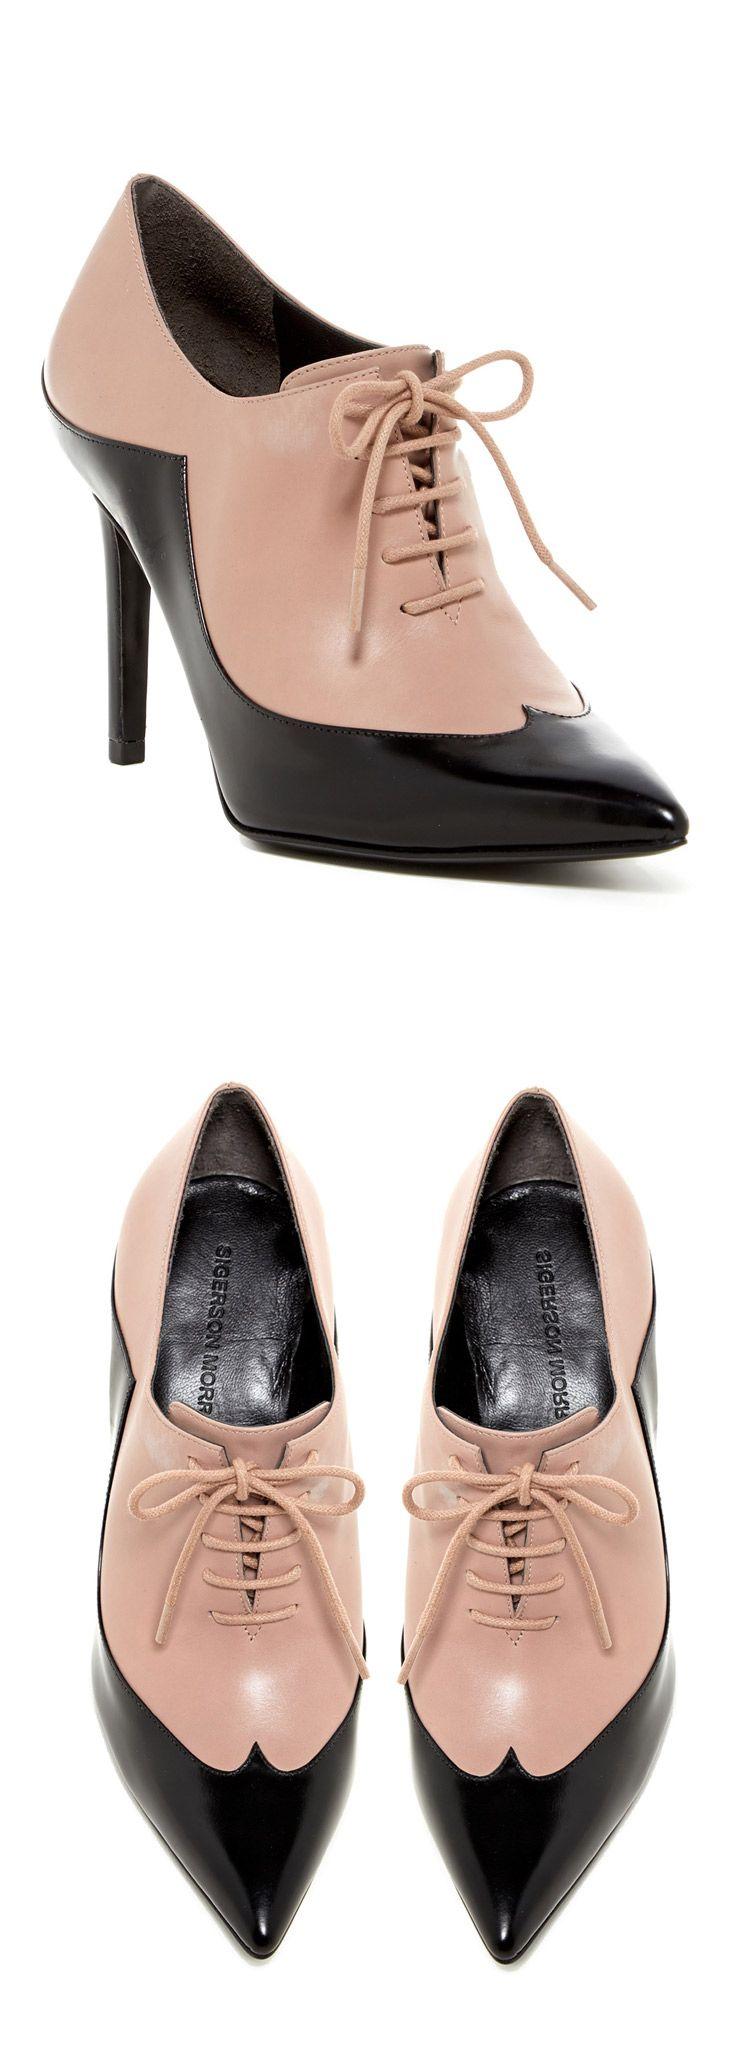 Blush Oxford Heels // sponsored by Nordstrom Rack Heels